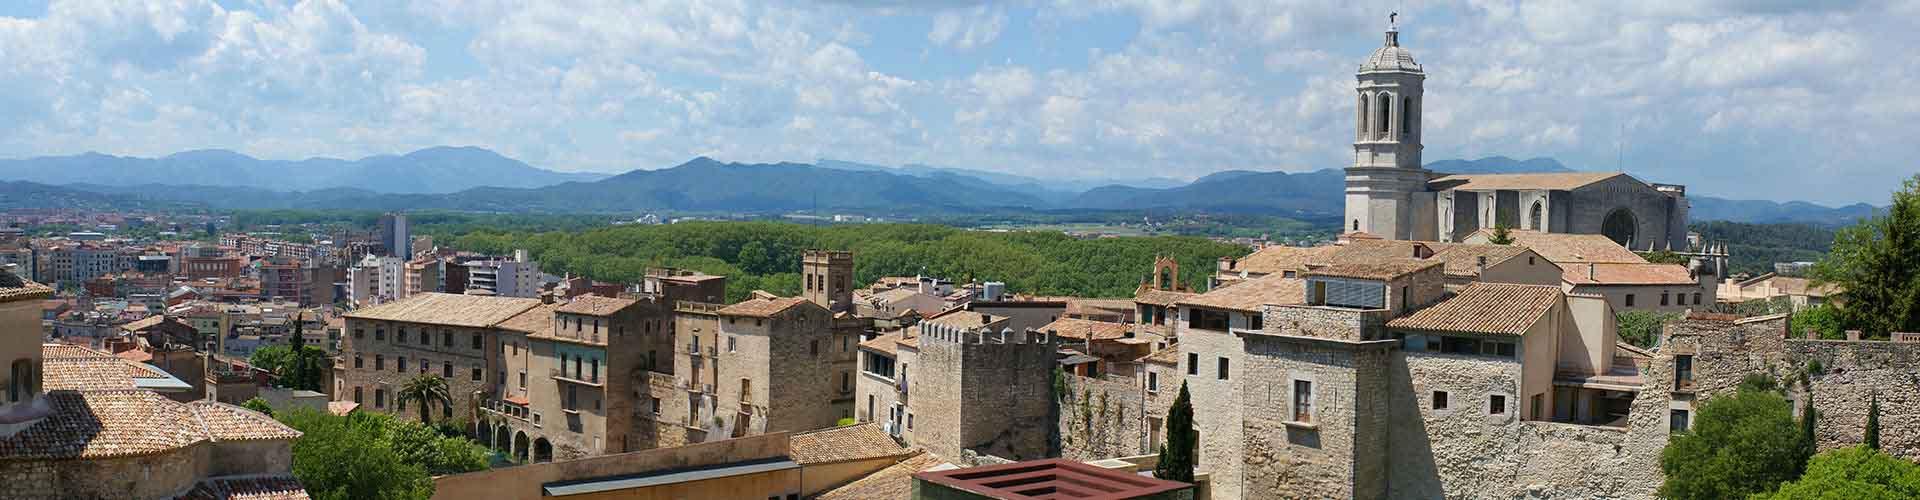 Girona - Hostales en Girona. Mapas de Girona, Fotos y comentarios de cada Hostal en Girona.